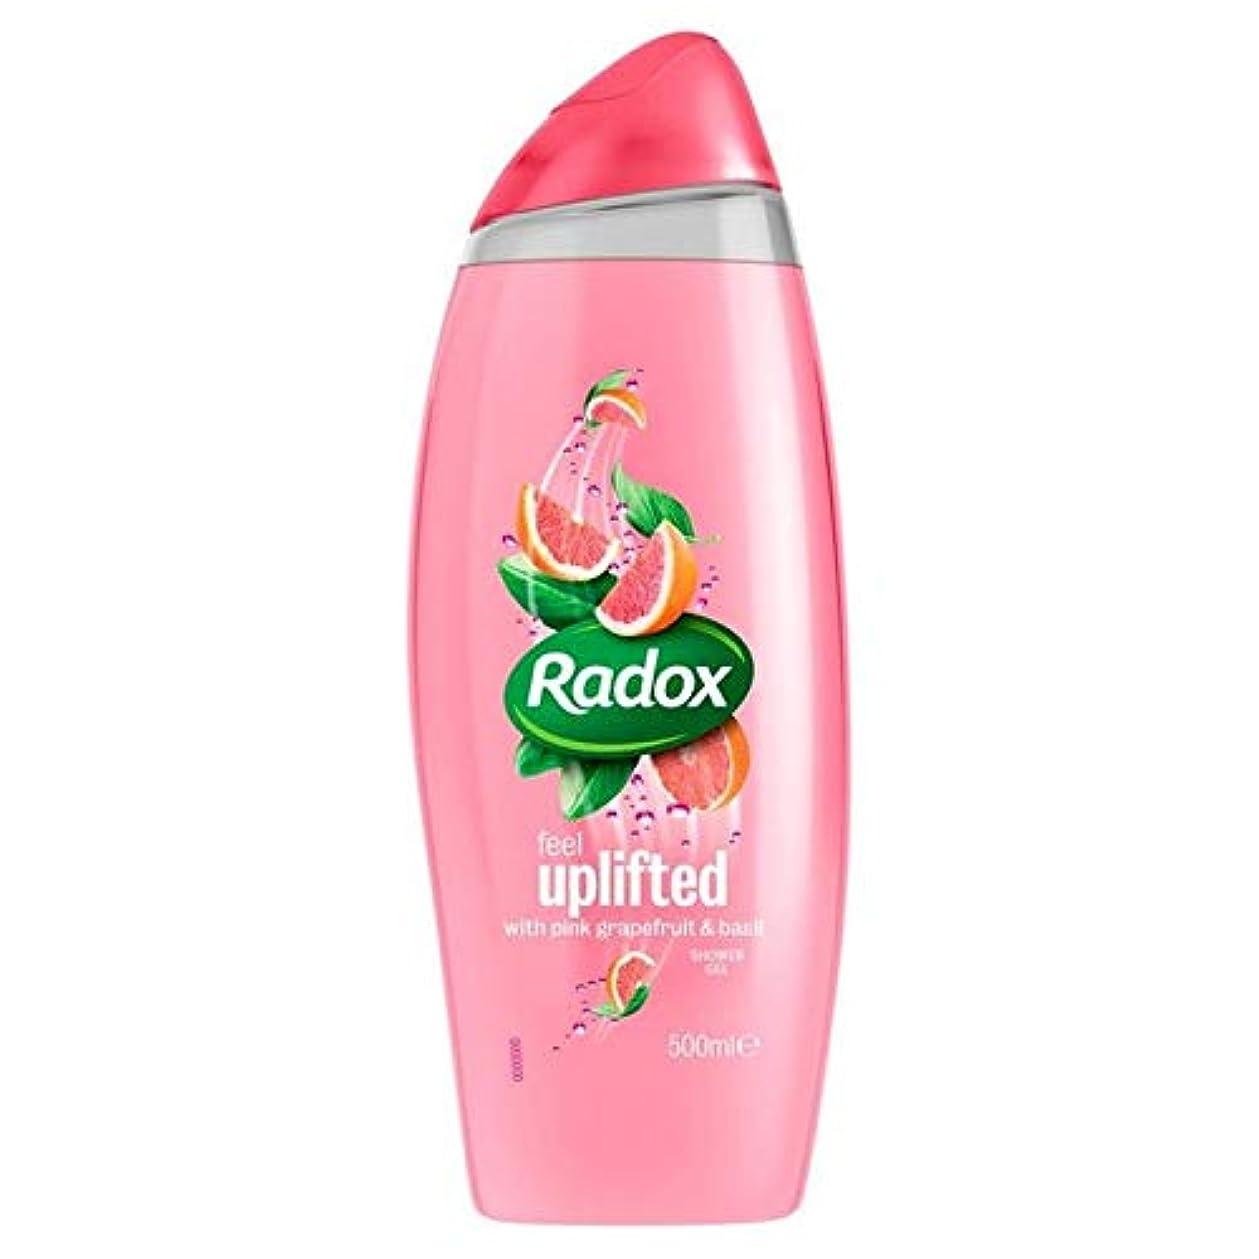 暗記する滅多きつく[Radox] Radox感隆起シャワージェル500ミリリットル - Radox Feel Uplifted Shower Gel 500ml [並行輸入品]